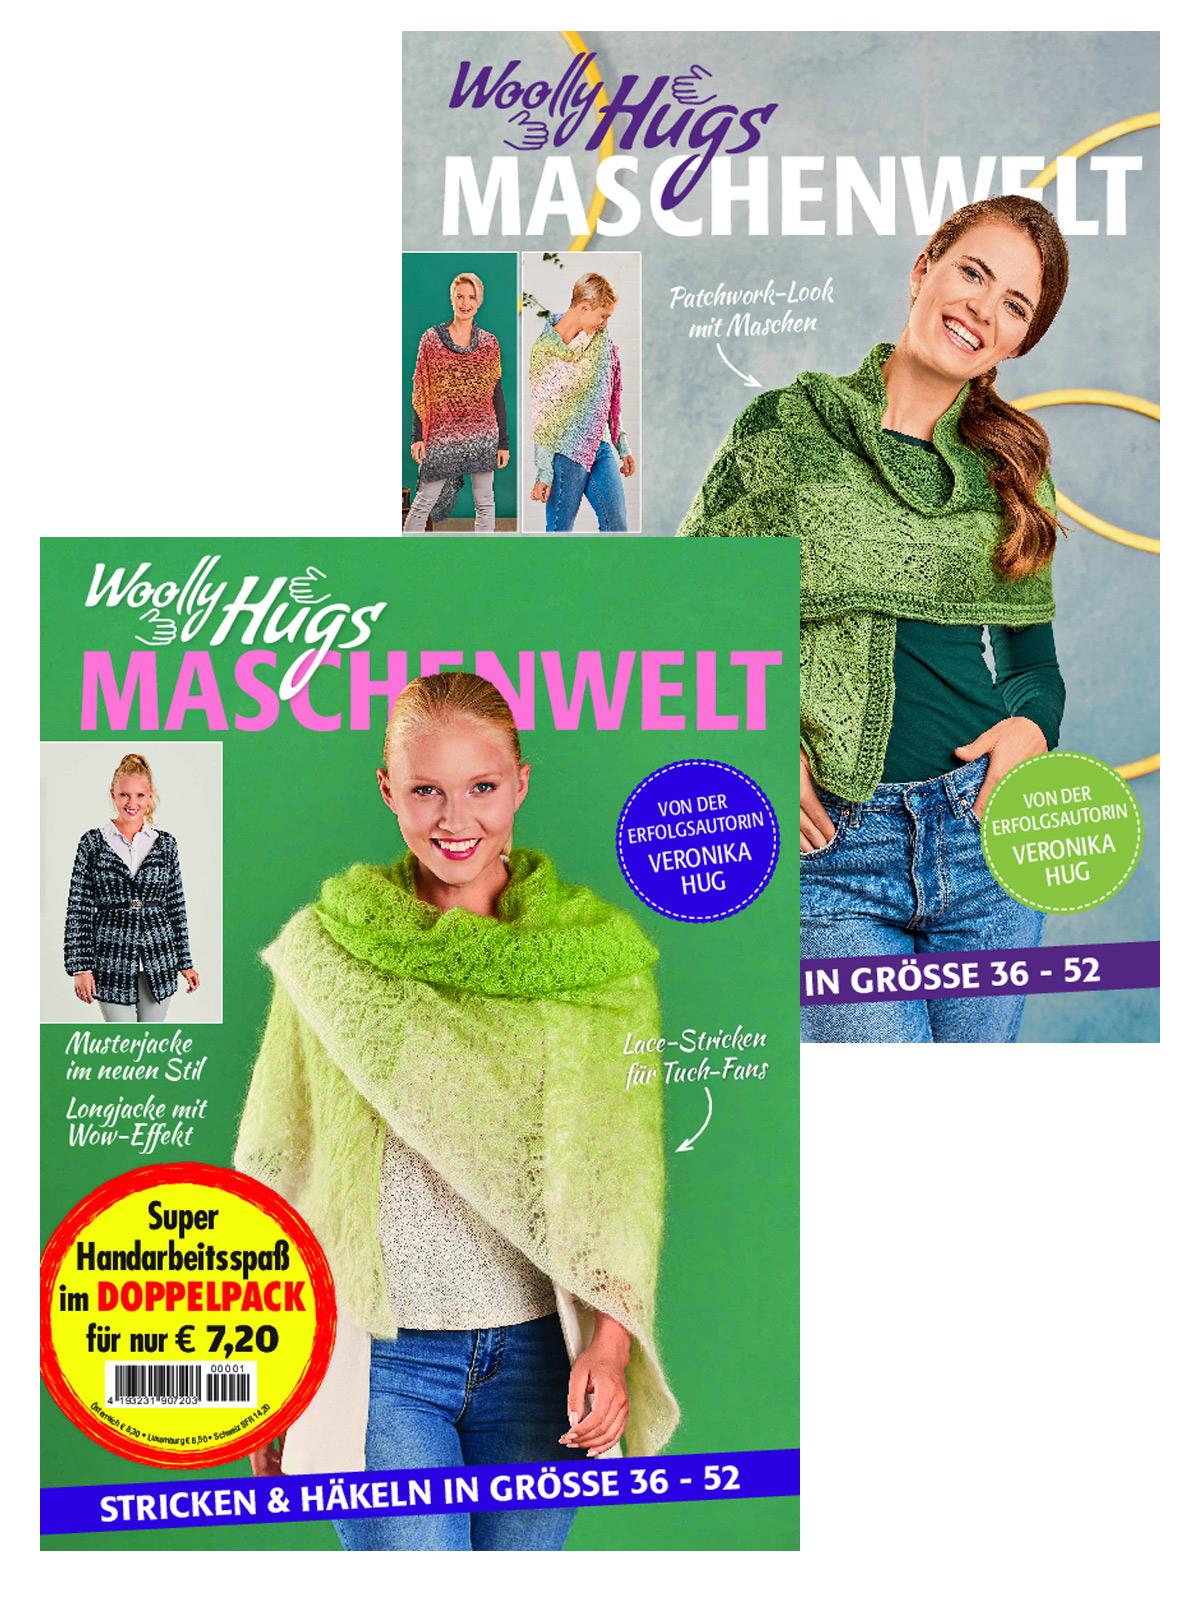 Zwei Zeitschriften - Woolly Hugs WH 20 008 und WH 19 007